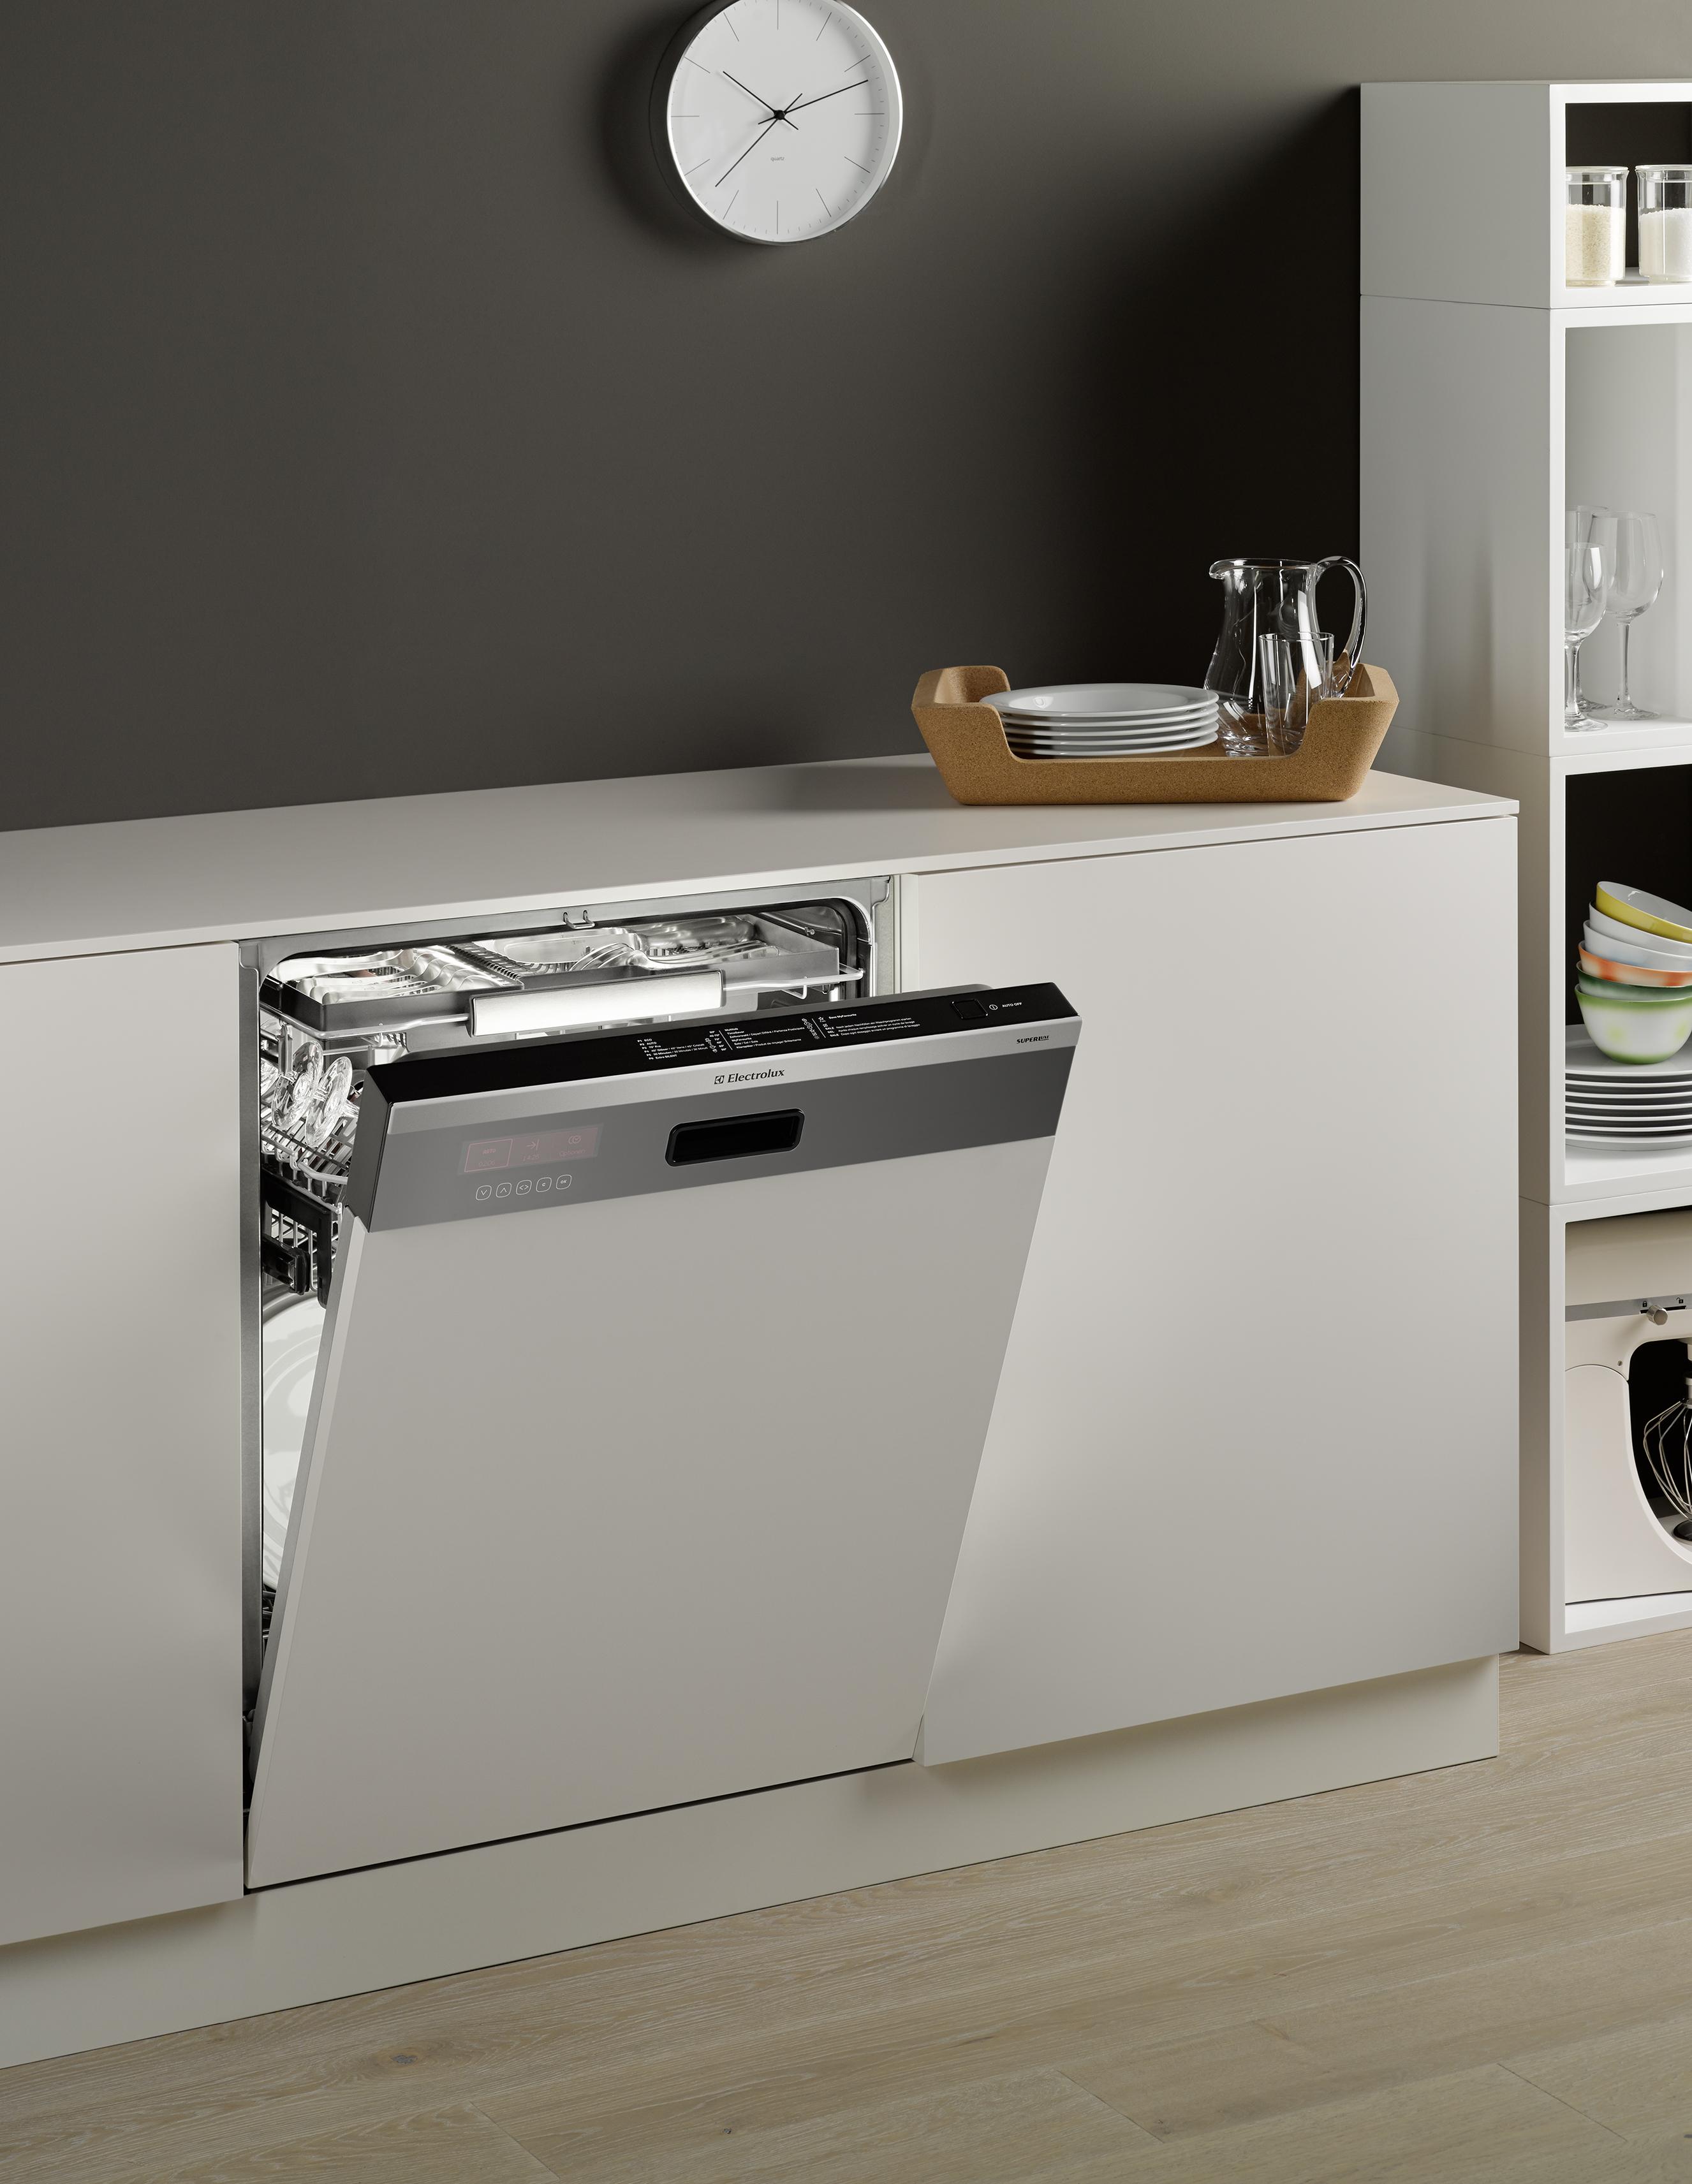 electrolux nettoyage professionnel pour la maison. Black Bedroom Furniture Sets. Home Design Ideas